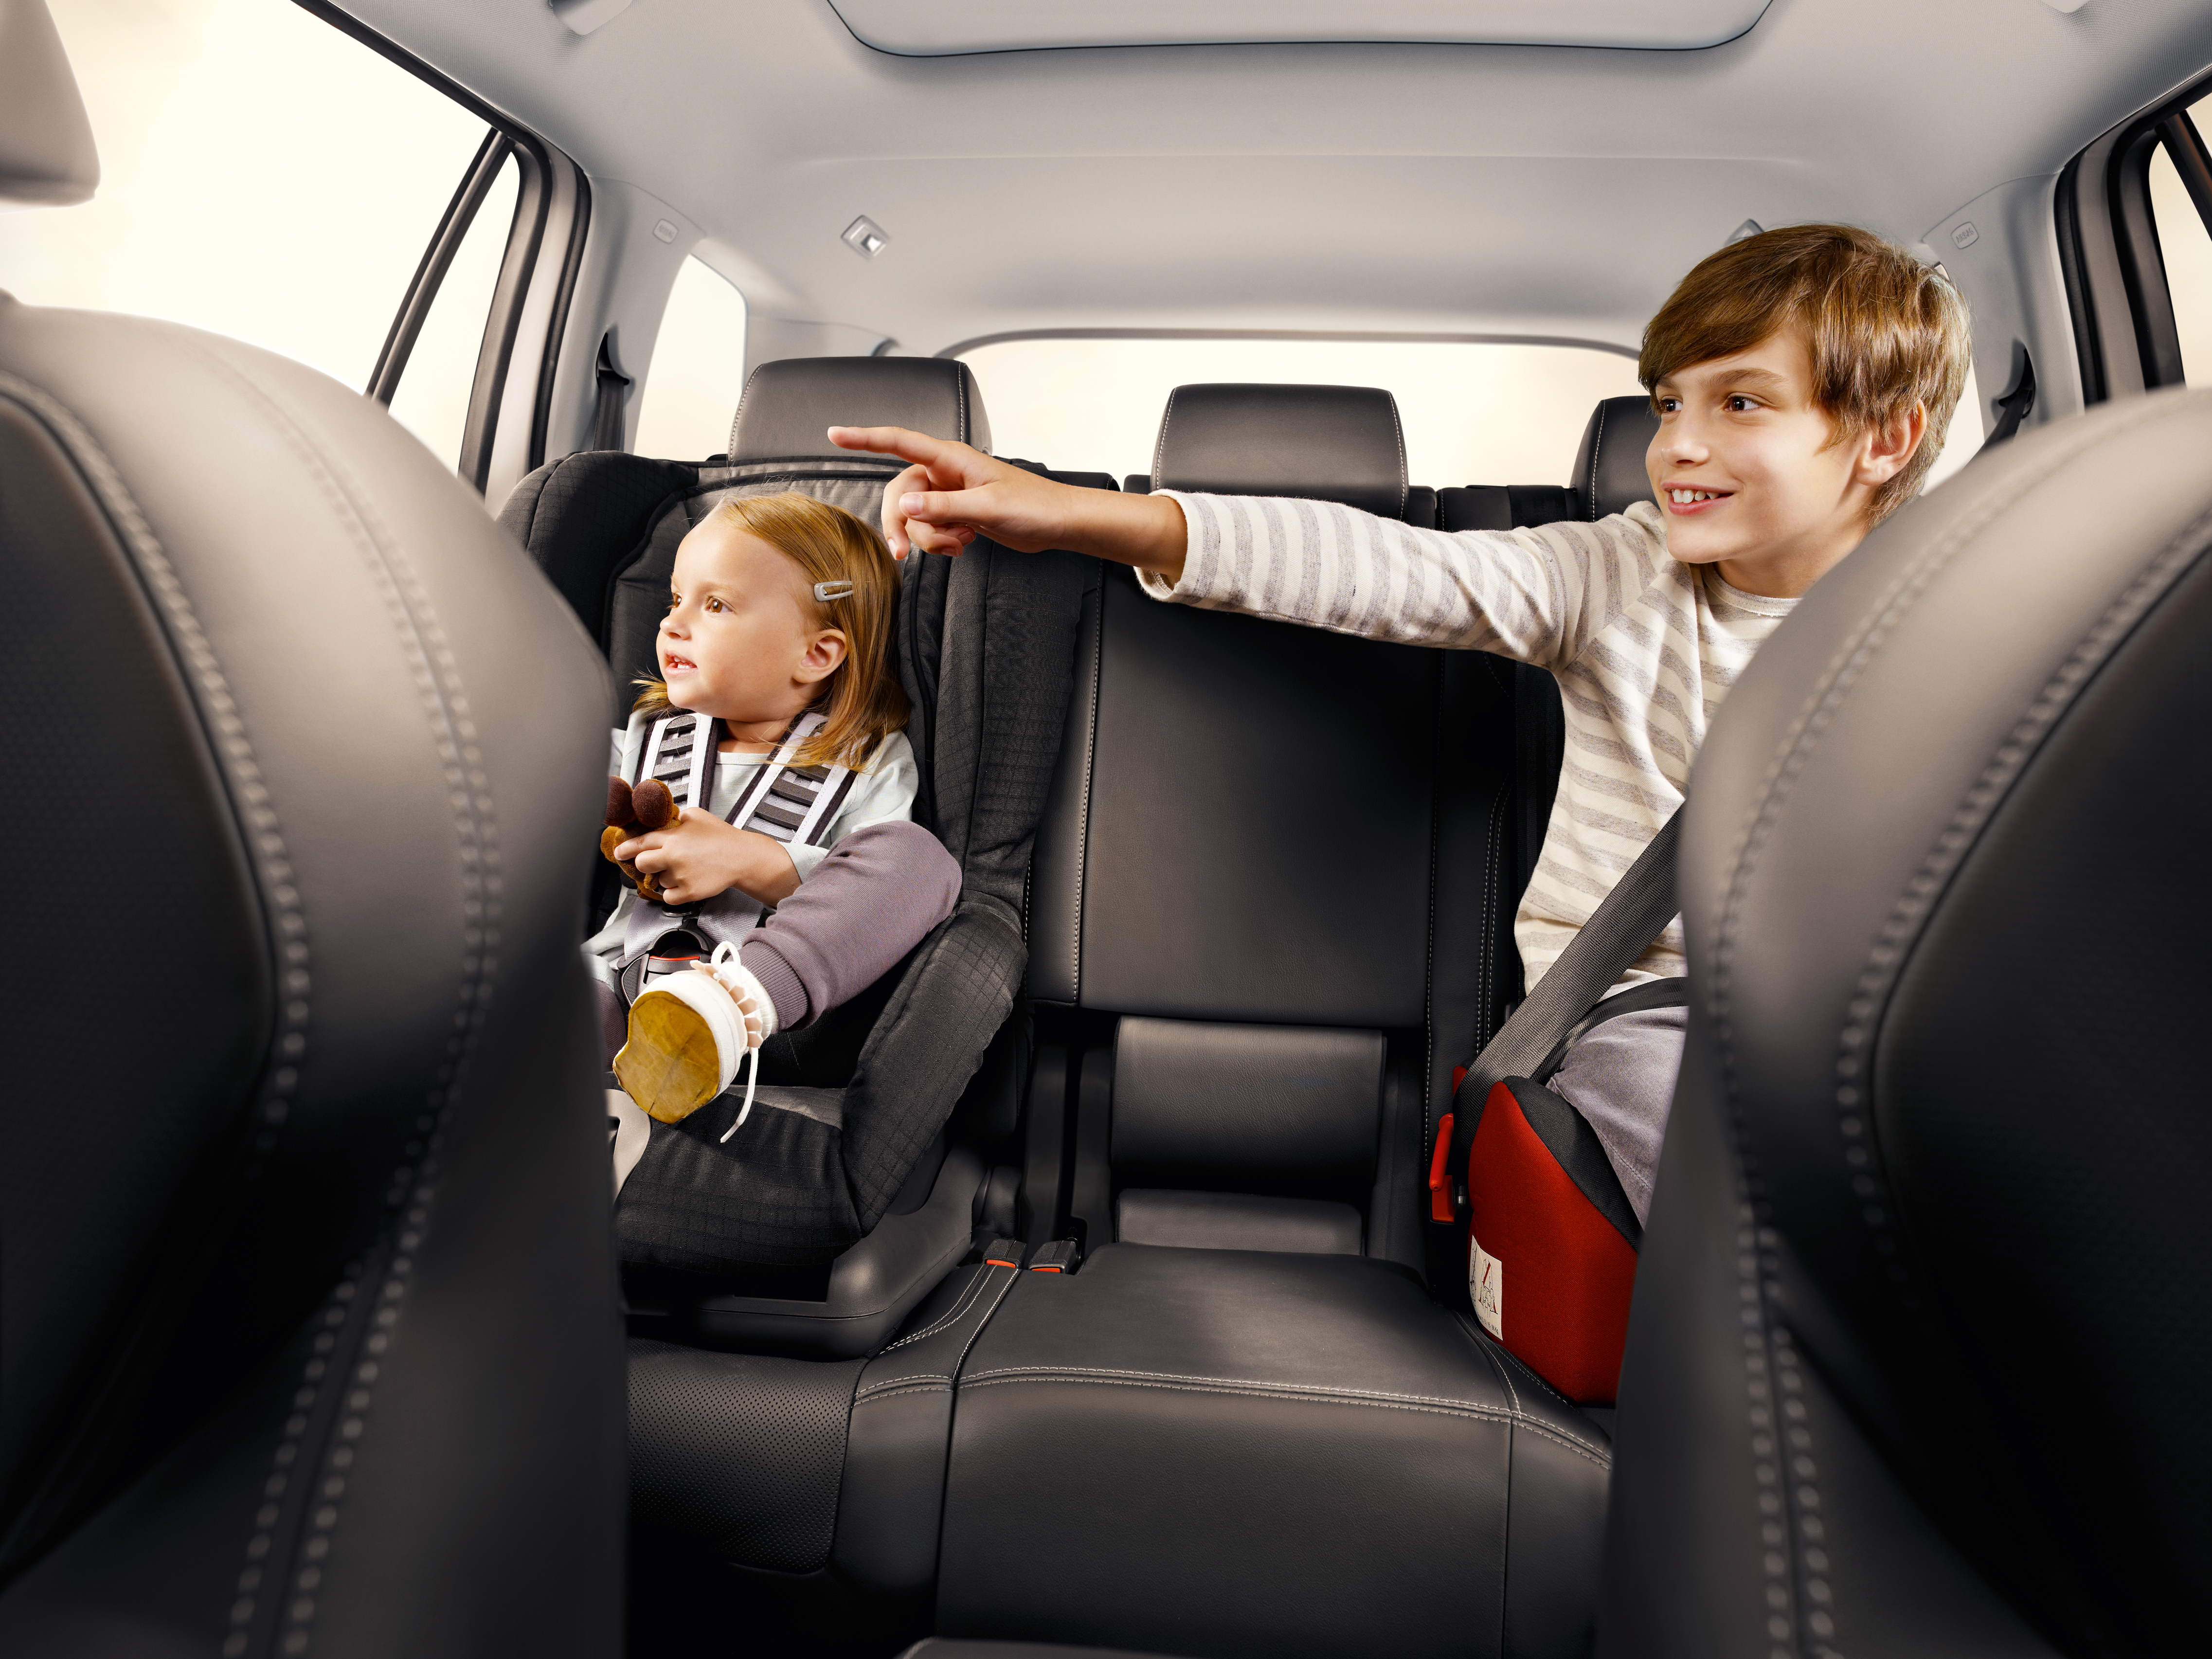 Vozte děti v celé sedačce co nejdéle, dokud z ní samy nevyrostou.